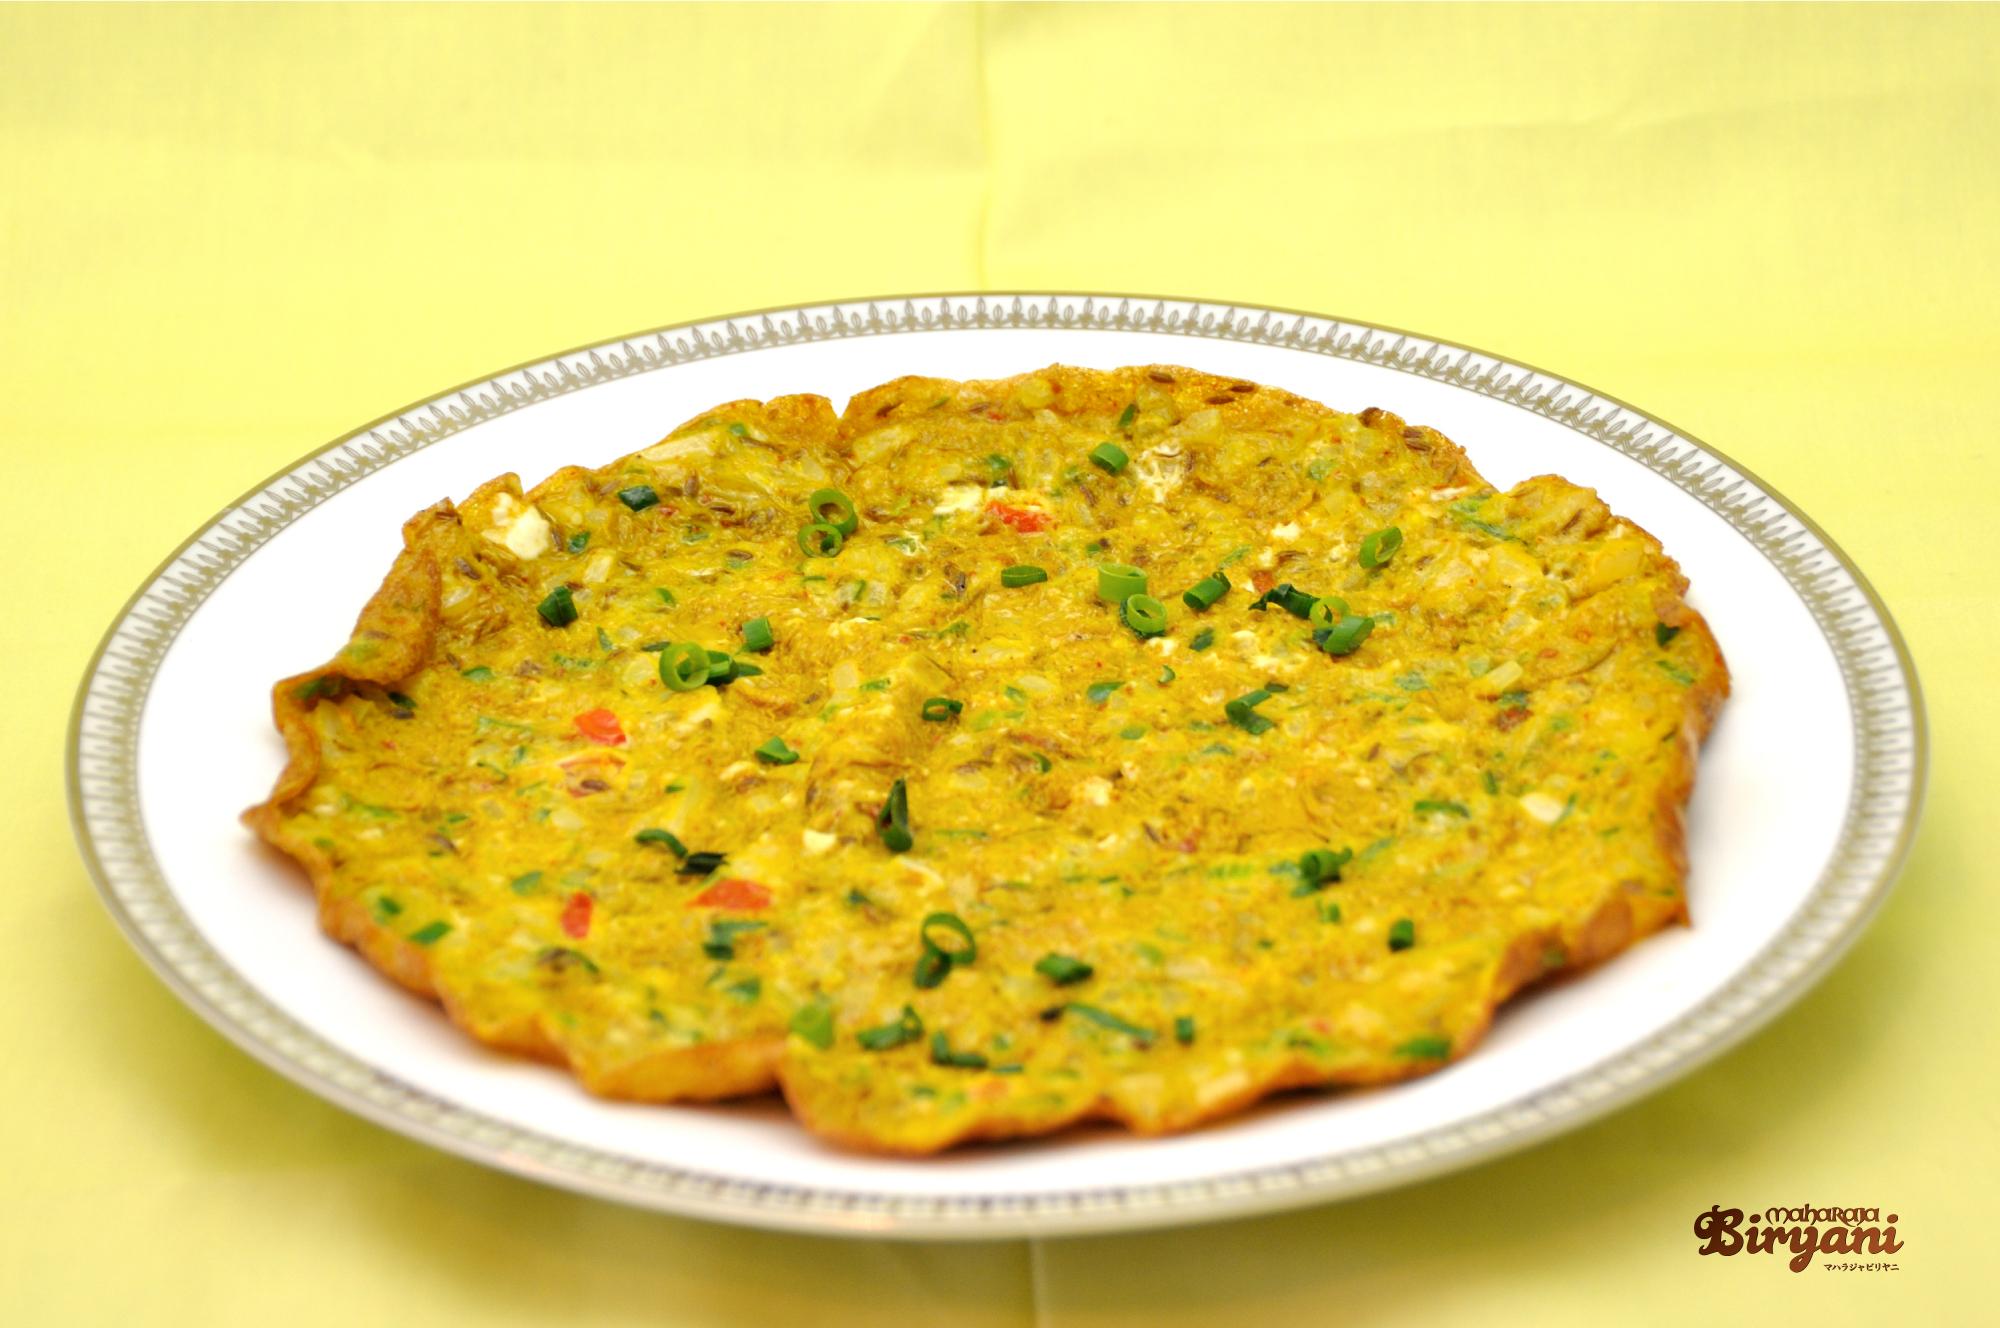 スパイス オムレツSpice Omelet